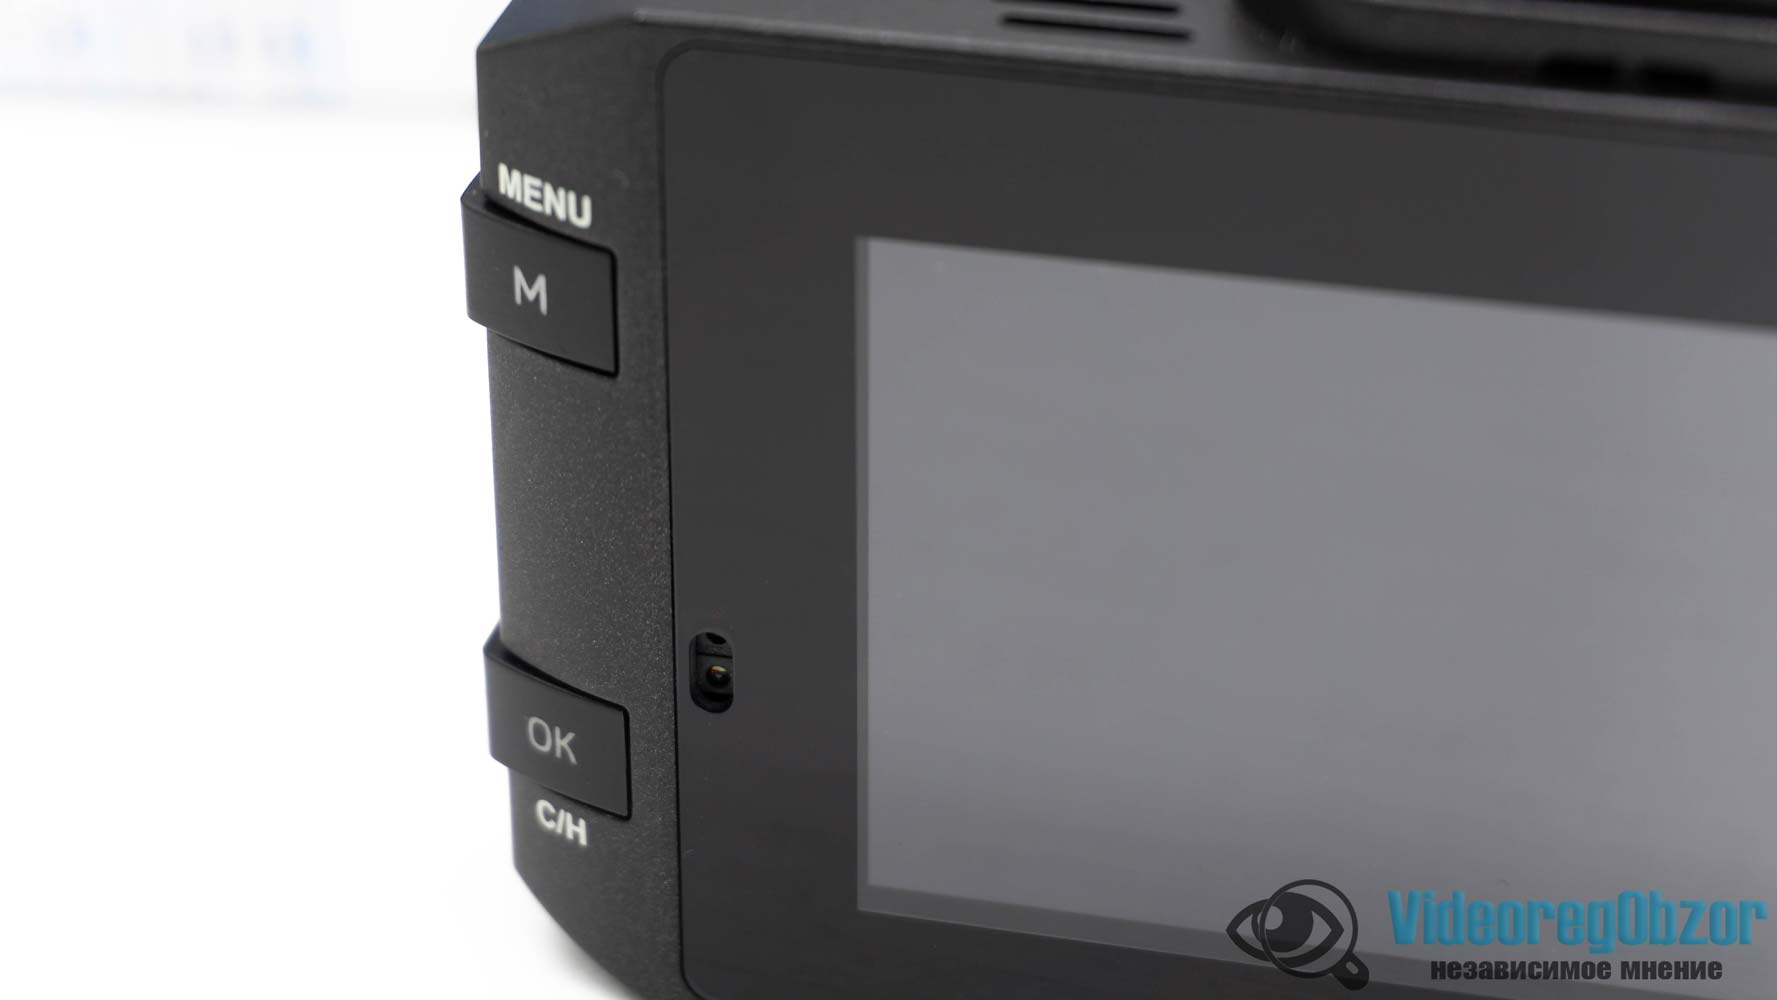 Обзор комбо-устройства INTEGO VX-1200S